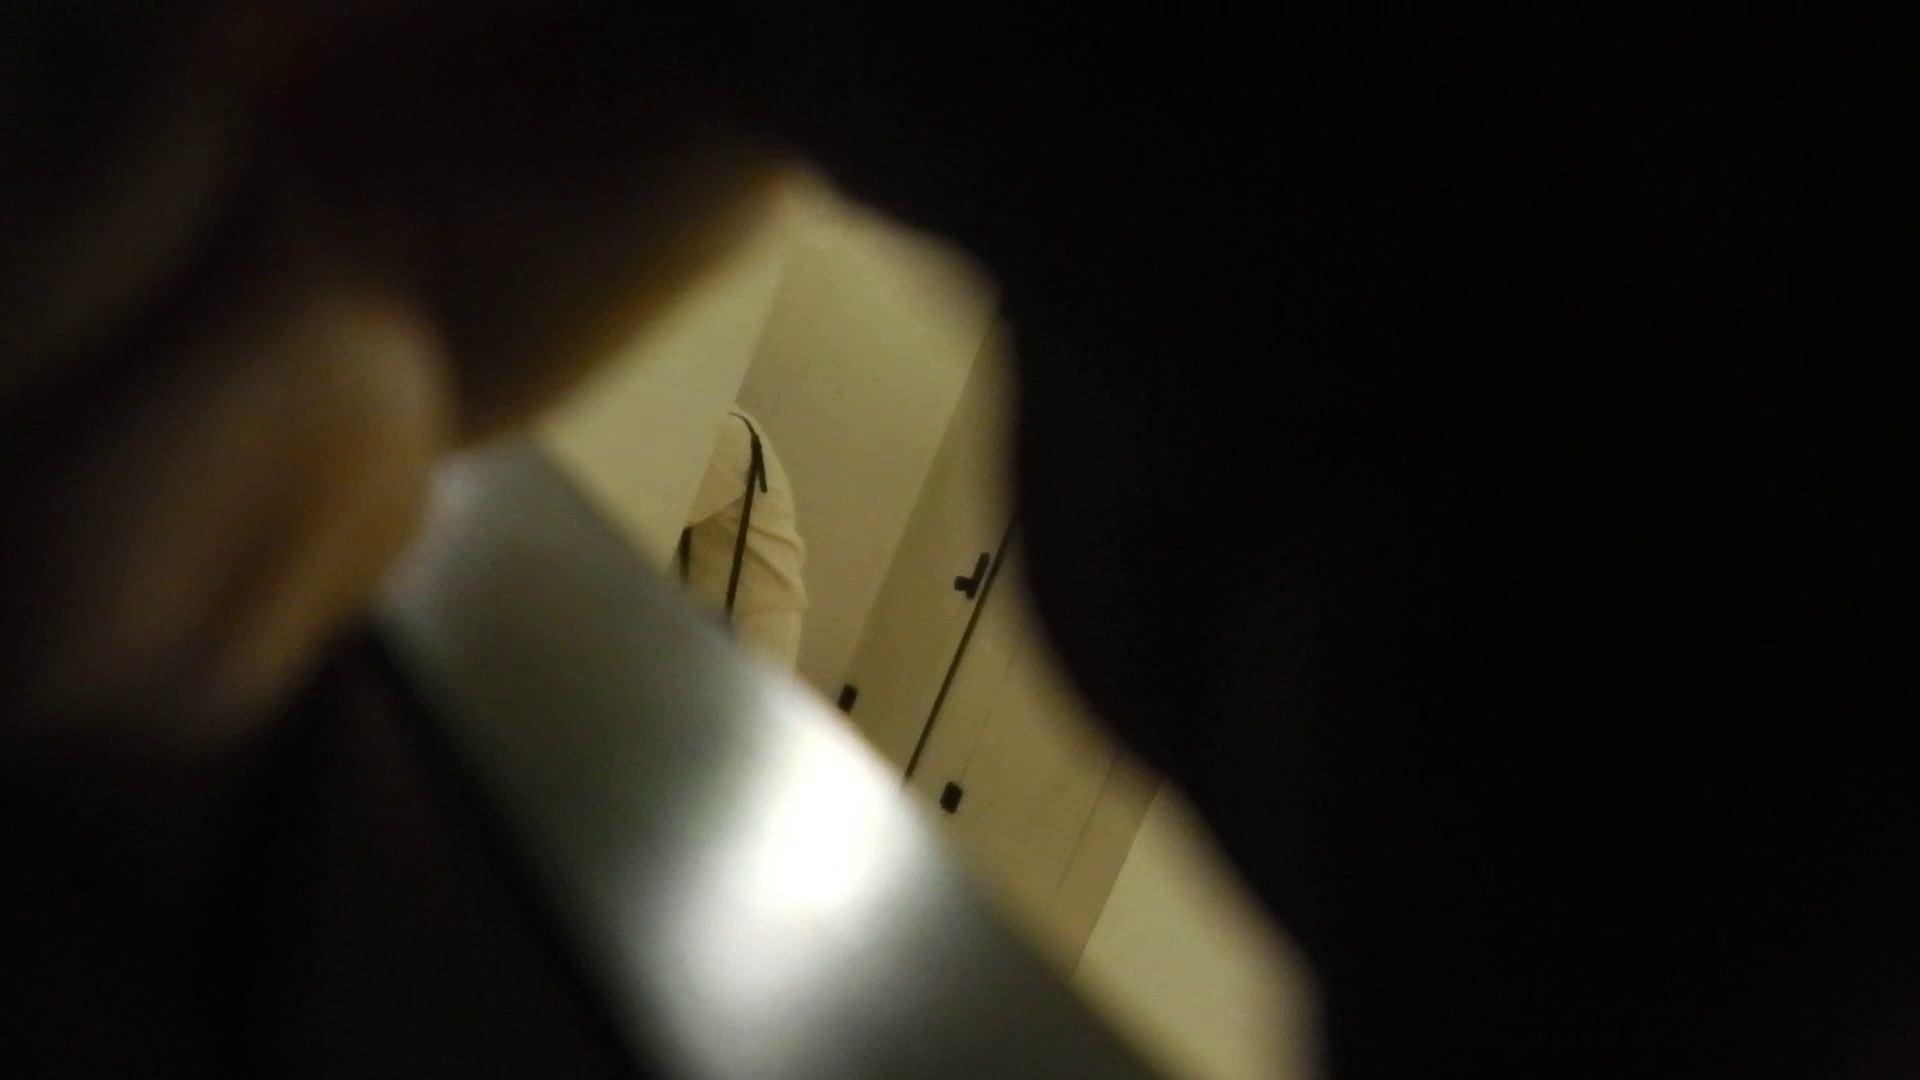 世界の射窓から vol.24 ギャル攻め セックス画像 110画像 22